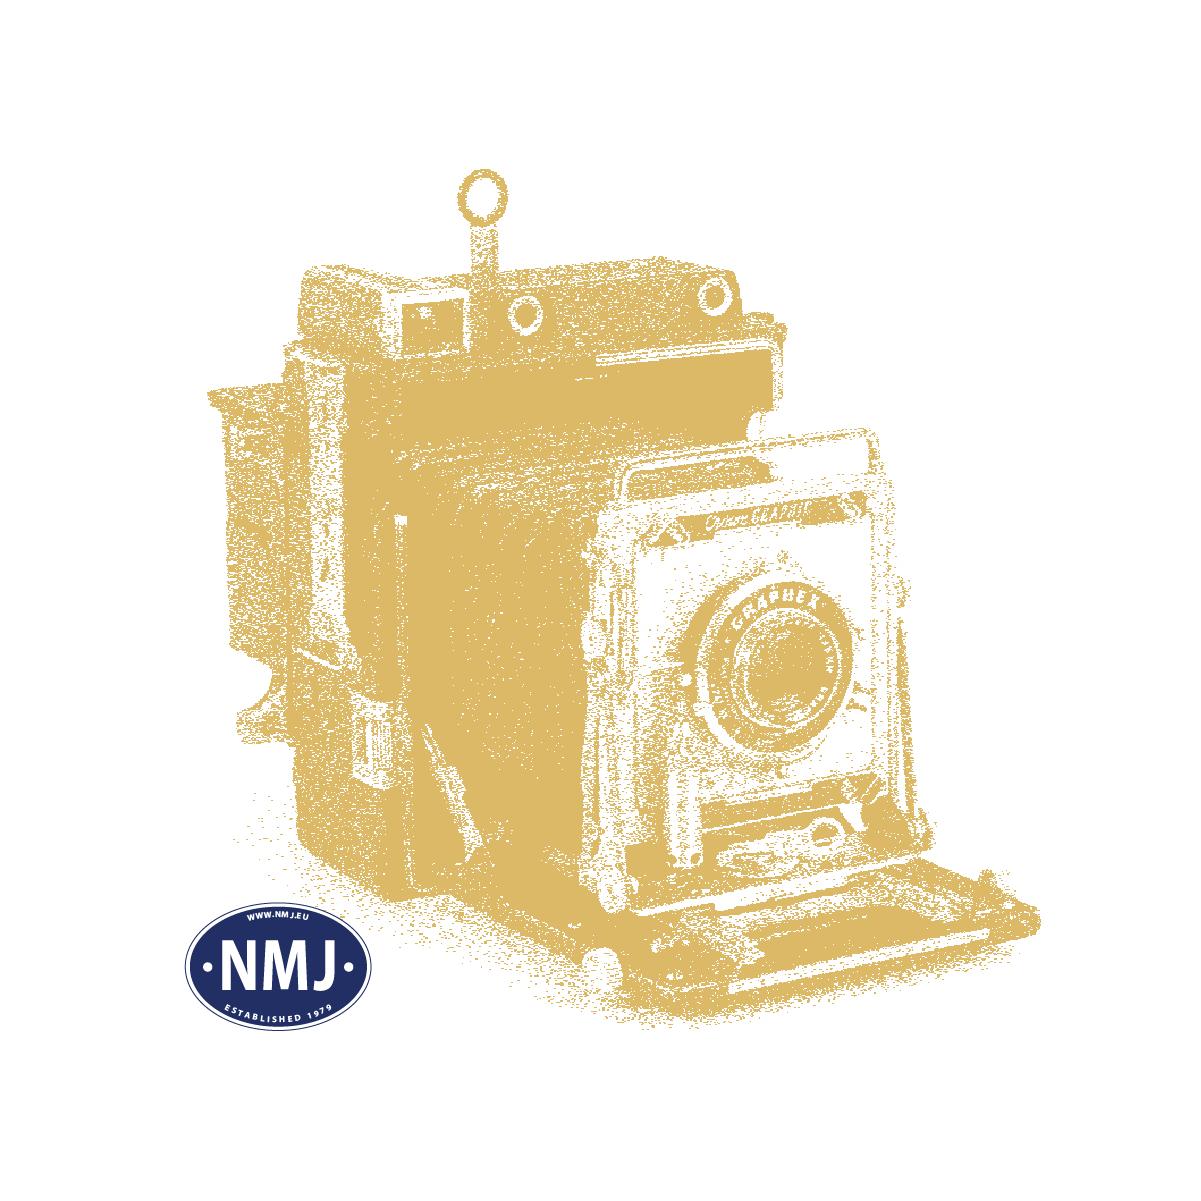 NMJT80.202 - NMJ Topline NSB EL17.2229 (V2.0) rot/schwarz, DC